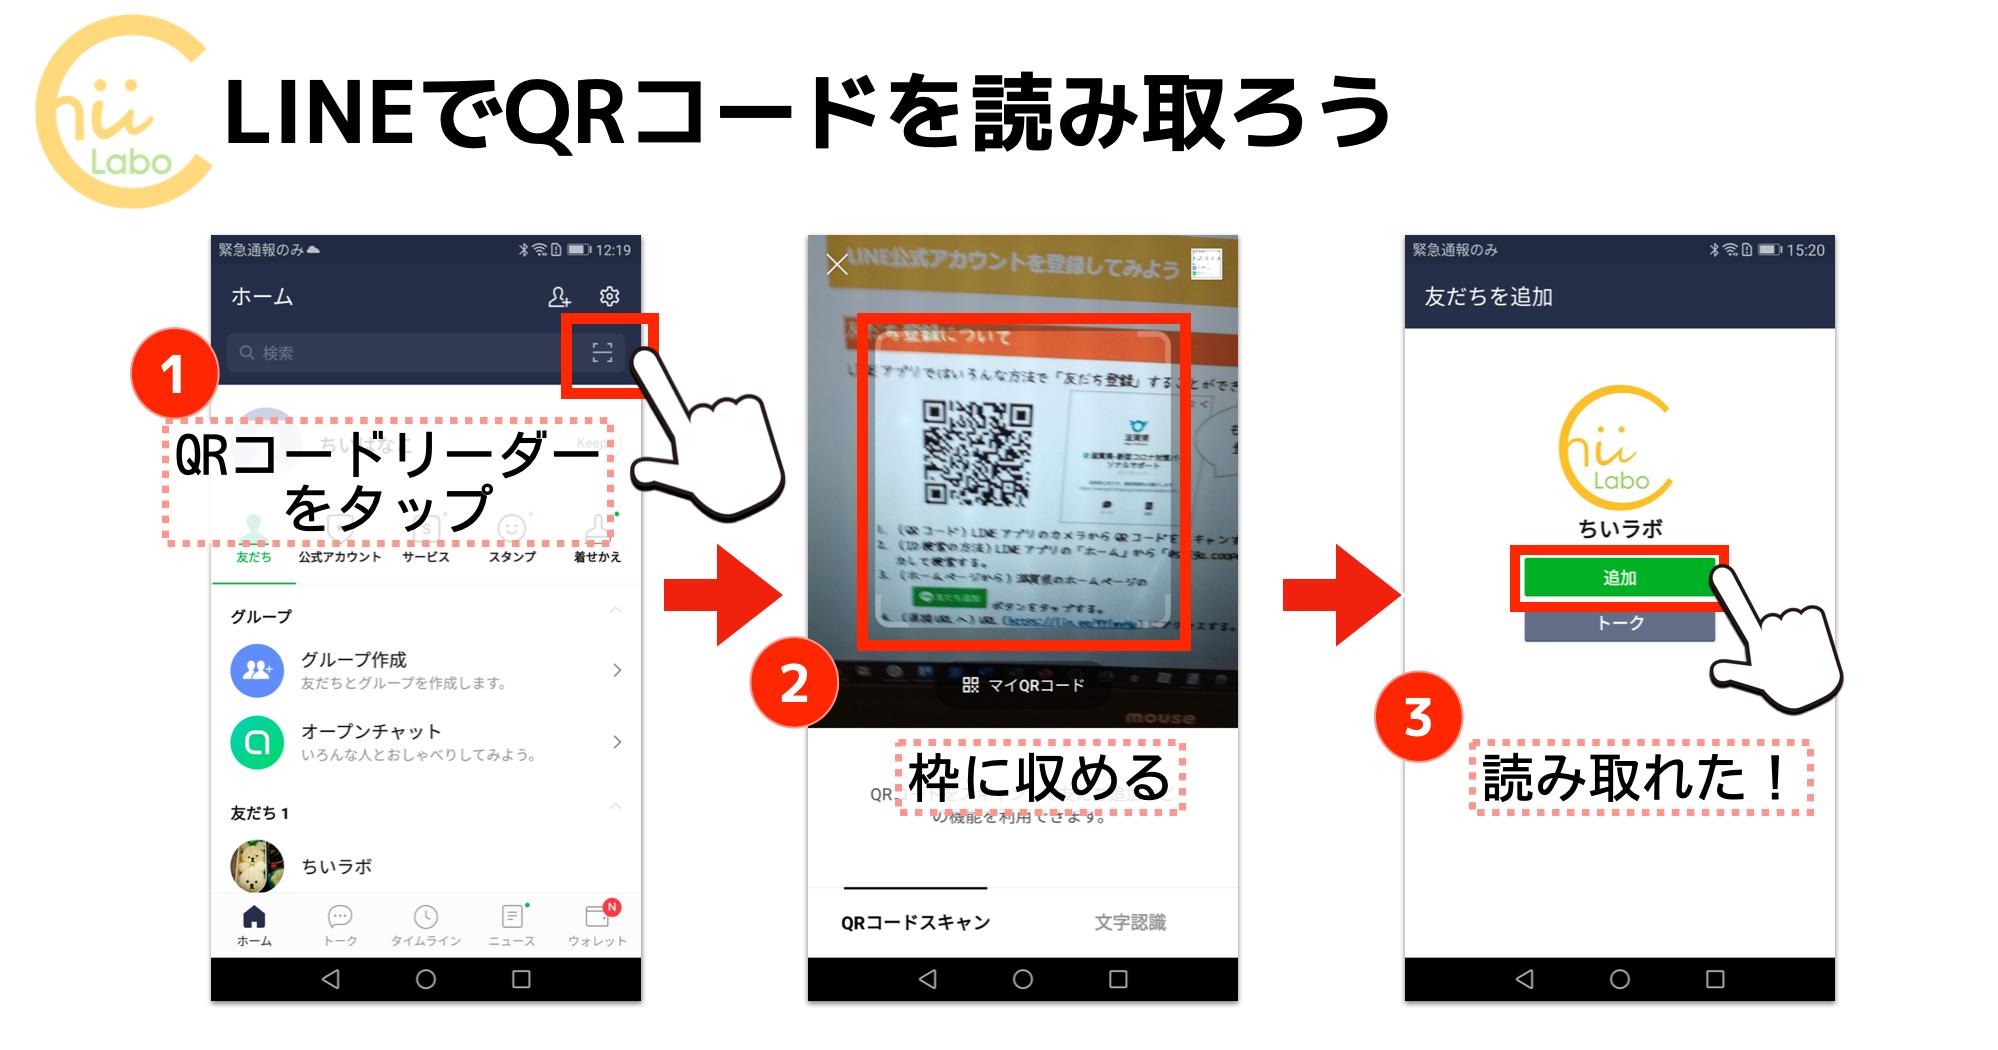 LINEアプリでQRコードを読み込む